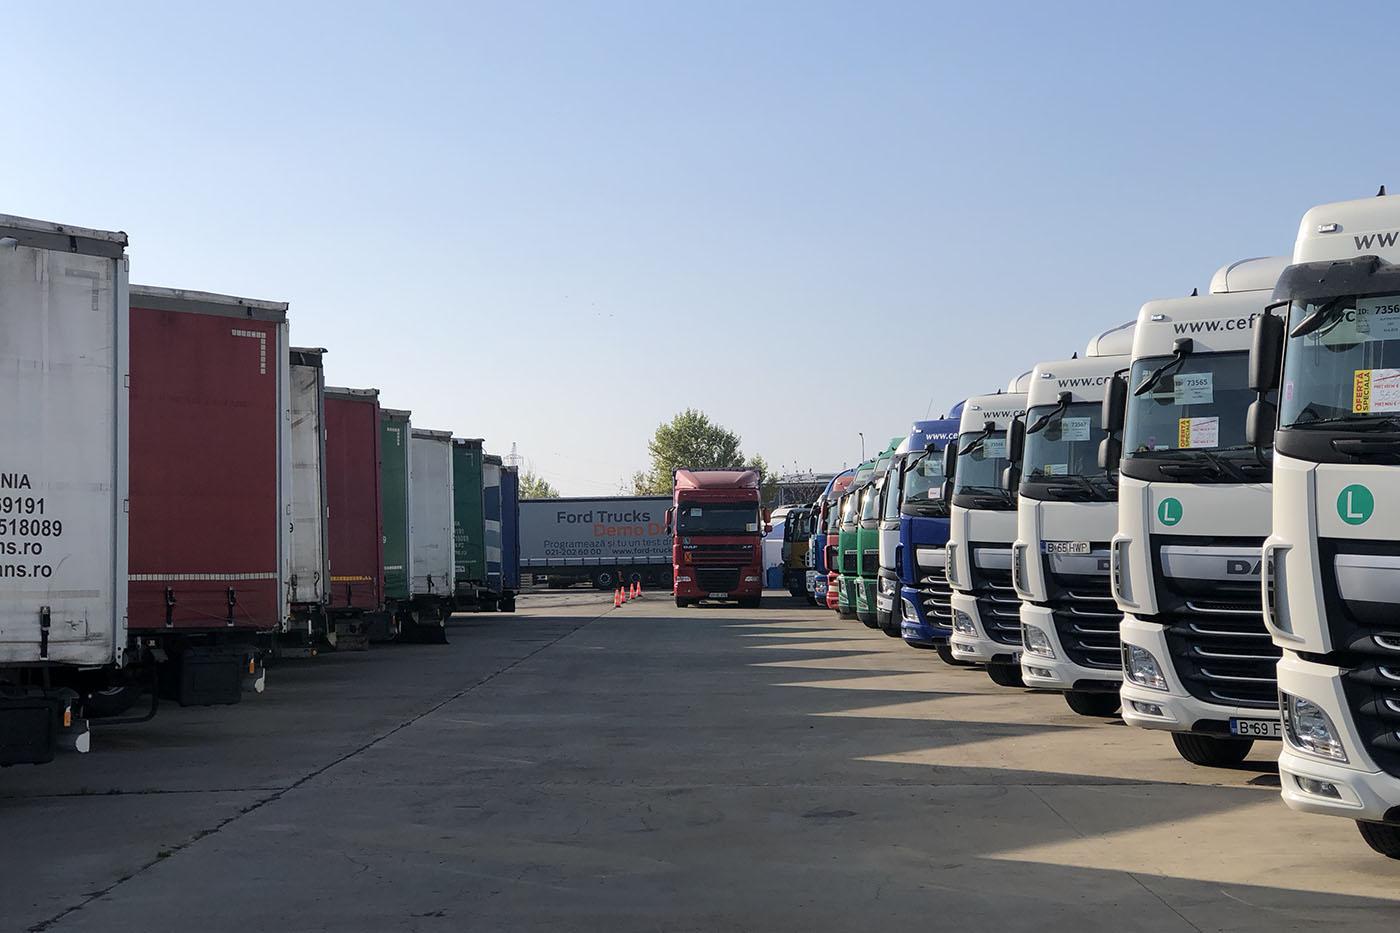 Cefin Trucks a anunțat două noutăți în cadrul ediției de toamnă Camion Fest 2019